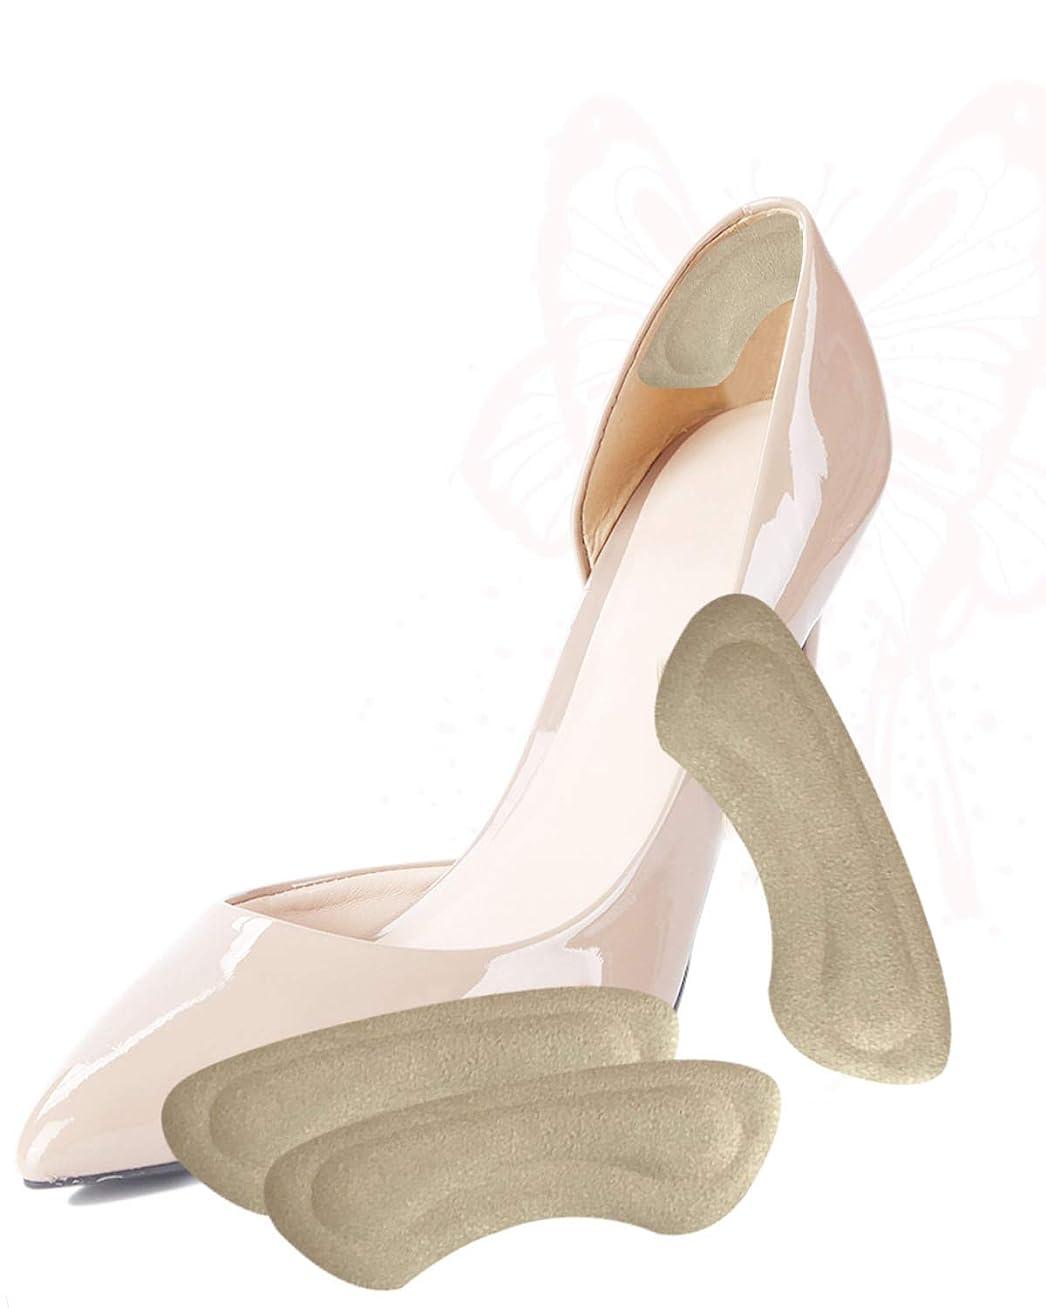 エレメンタル羊の服を着た狼靴ずれ 防止 パッド かかと テープ 【4枚セット】 天然素材 化学合成素材不使用 自然なソフト 耐久性 柔軟性 靴擦れ くつずれ クツズレ 靴づれ くつ擦れ 靴ズレ くつづれ 踵 カカト 痛い時 新しい靴 新生活